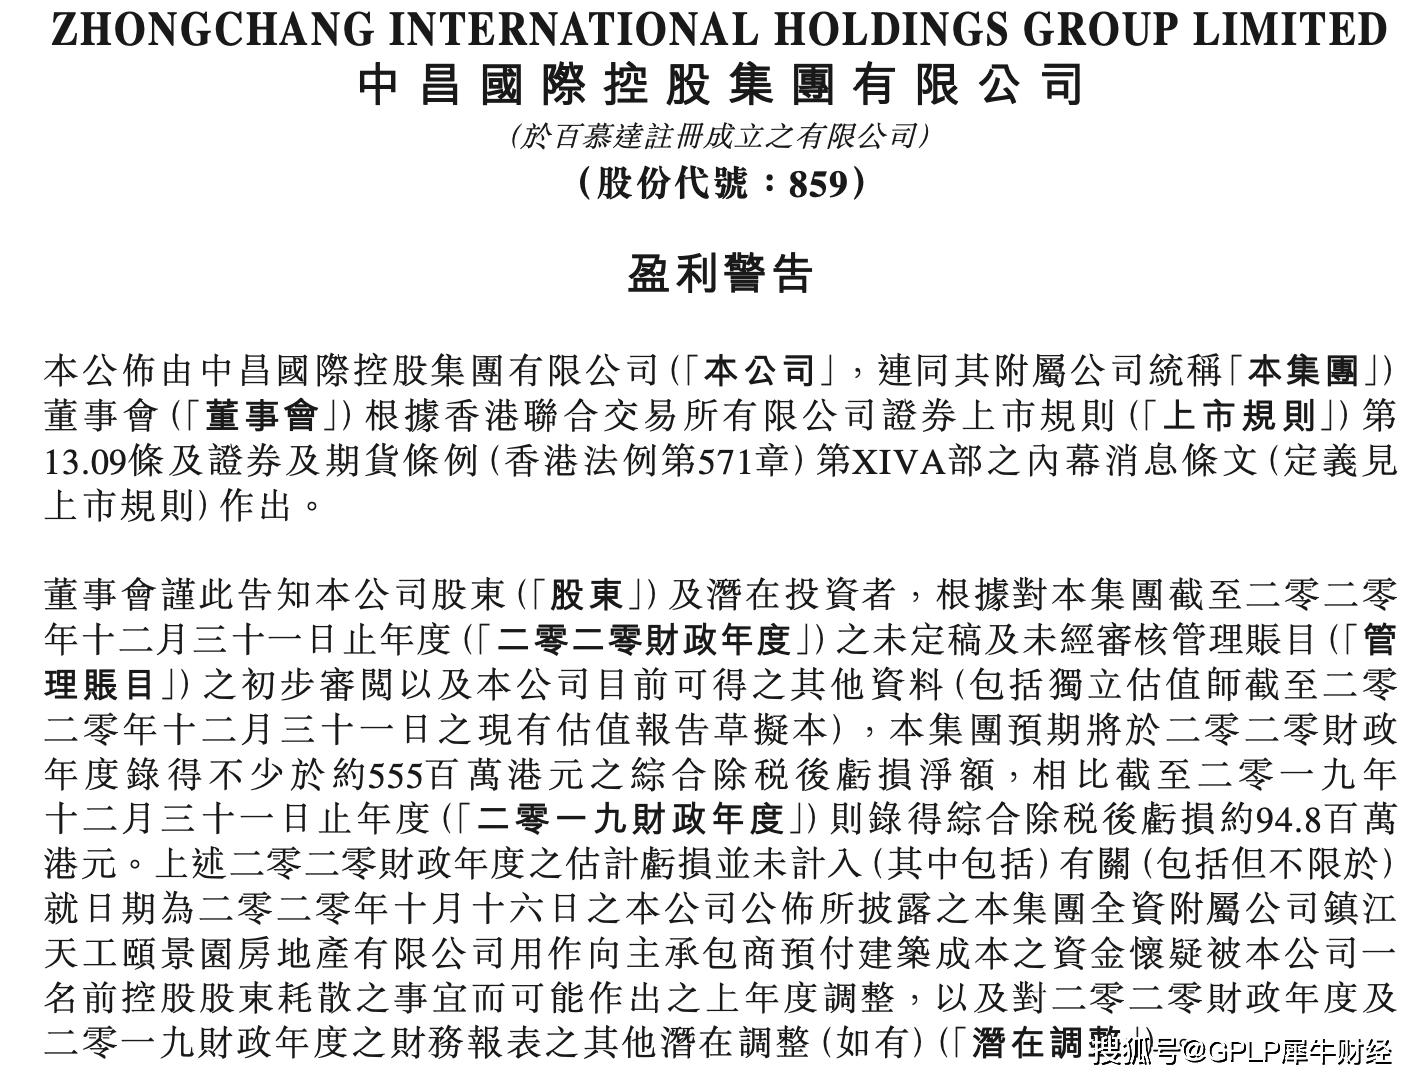 香港投资物业亏损 中昌国际控股预亏5.5亿港元